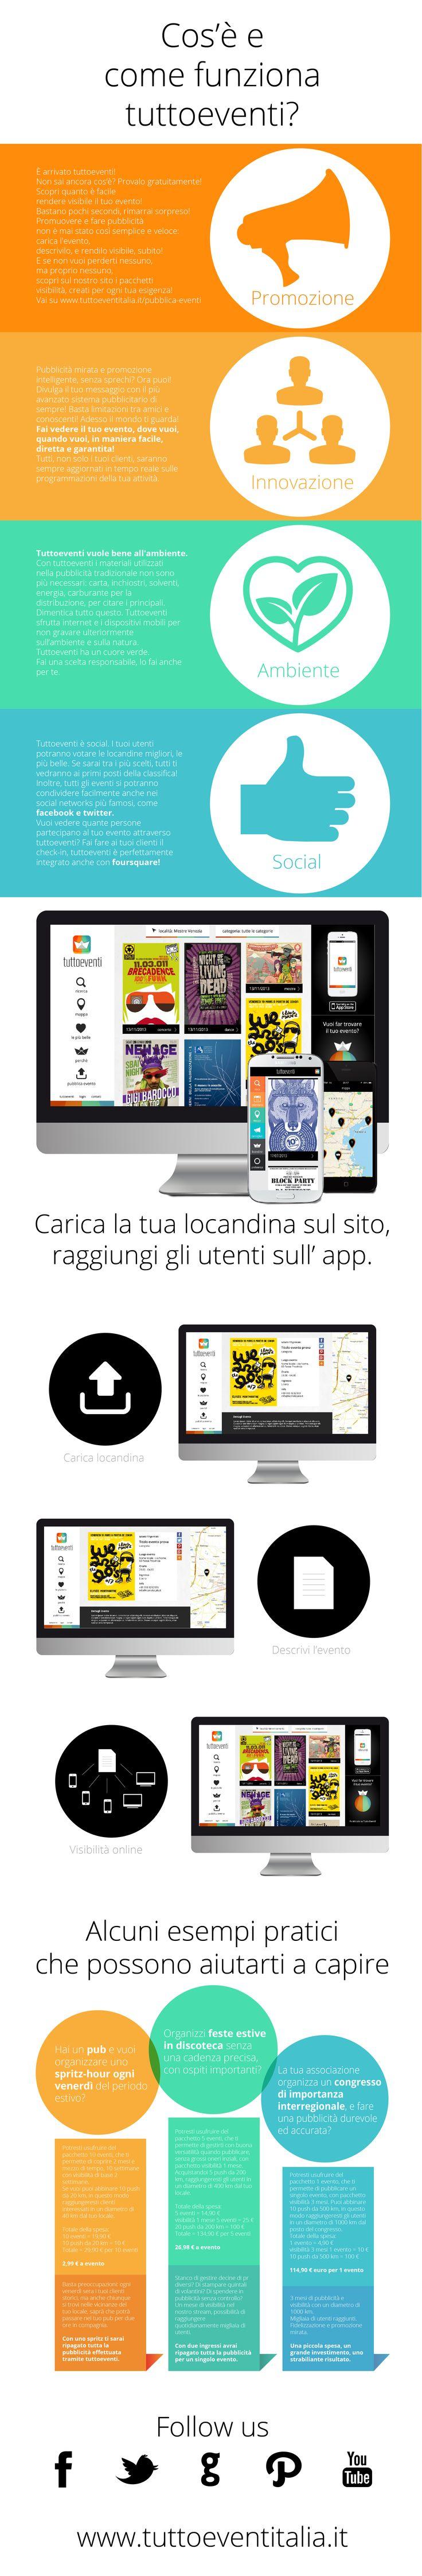 Un nuovo concetto di pubblicizzazione, facile da usare e diretto per i tuoi utenti #tuttoeventi #social #design #logo #ios #android #android